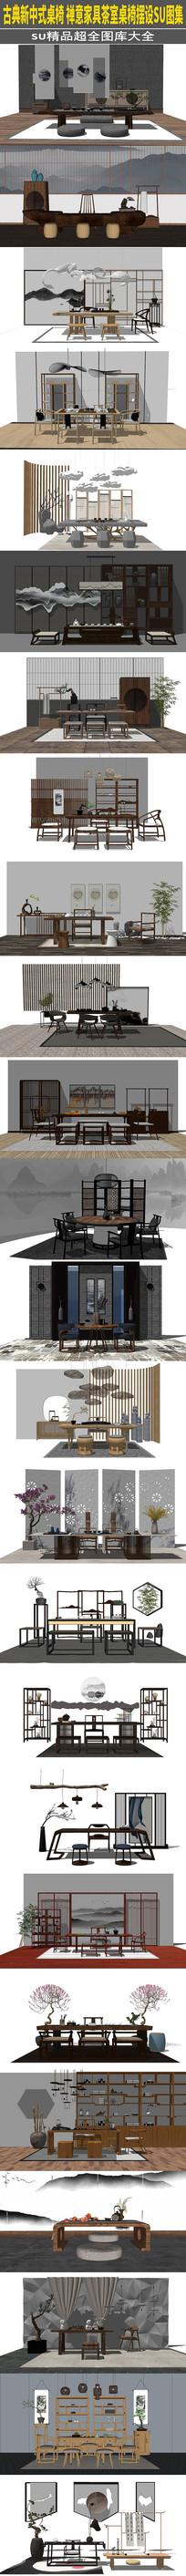 古典禅意茶室茶桌茶台桌椅摆设模型